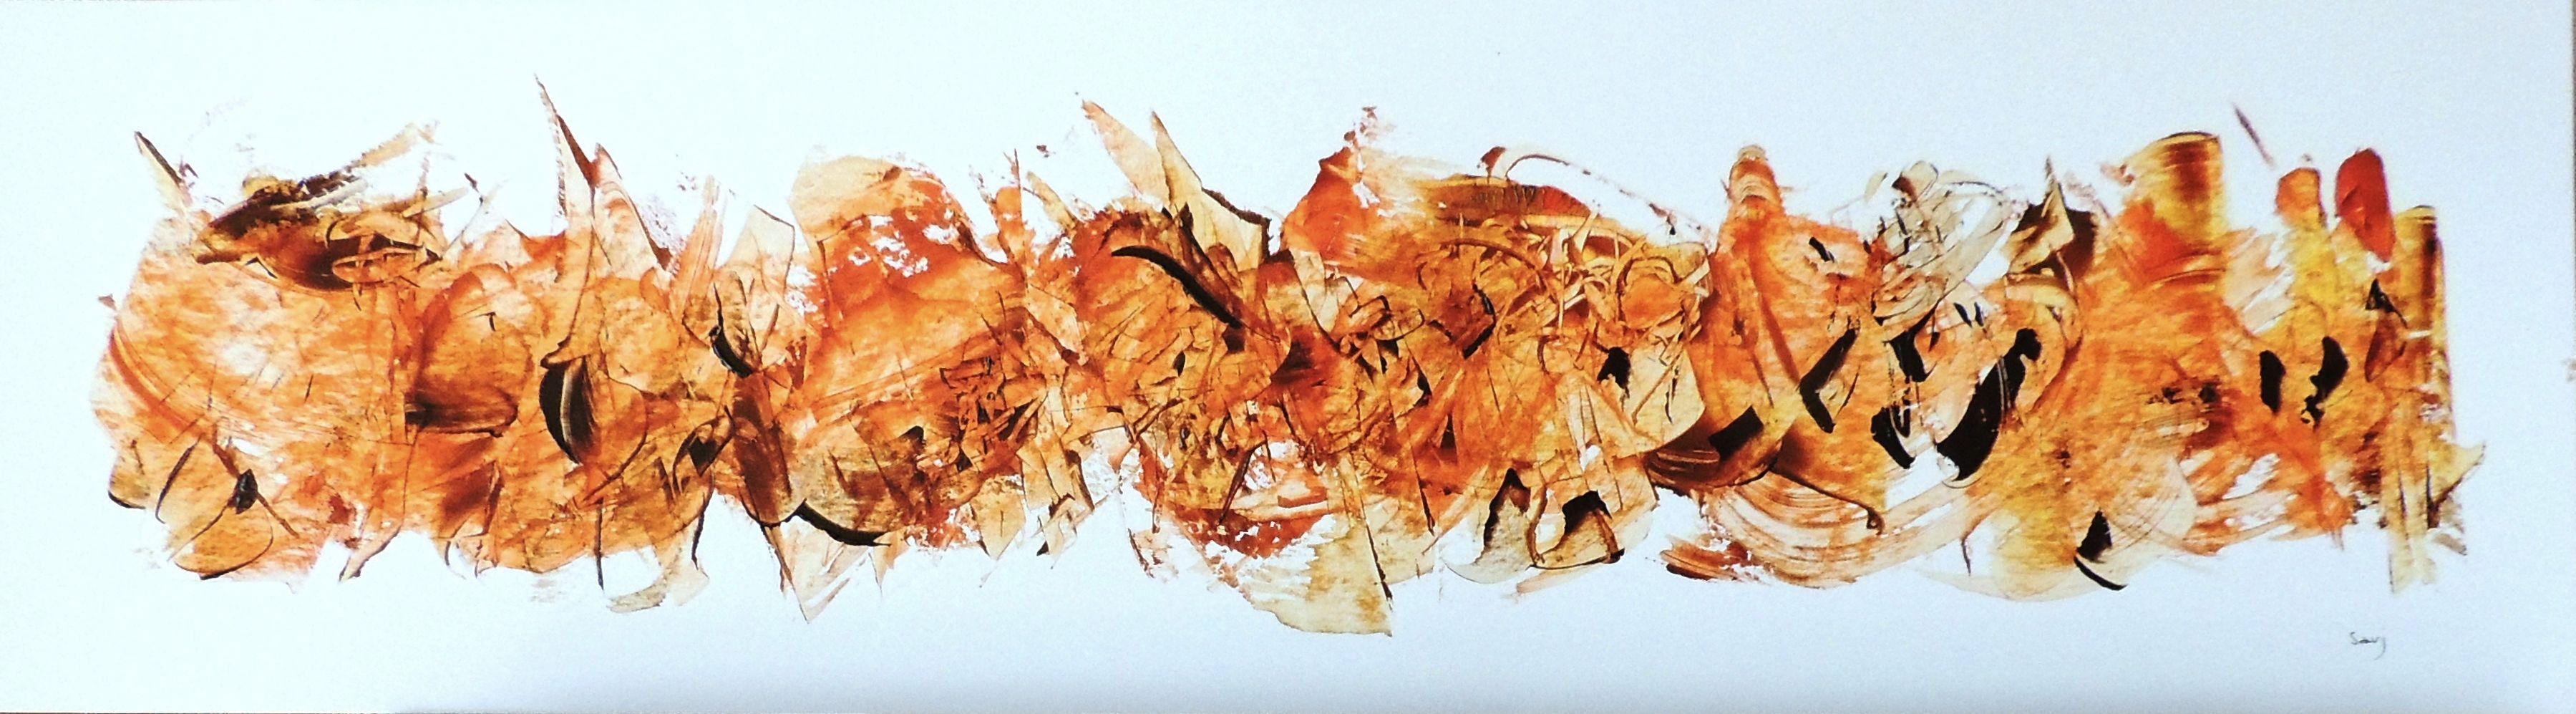 jean claude savi peinture acrylique sur papier 8